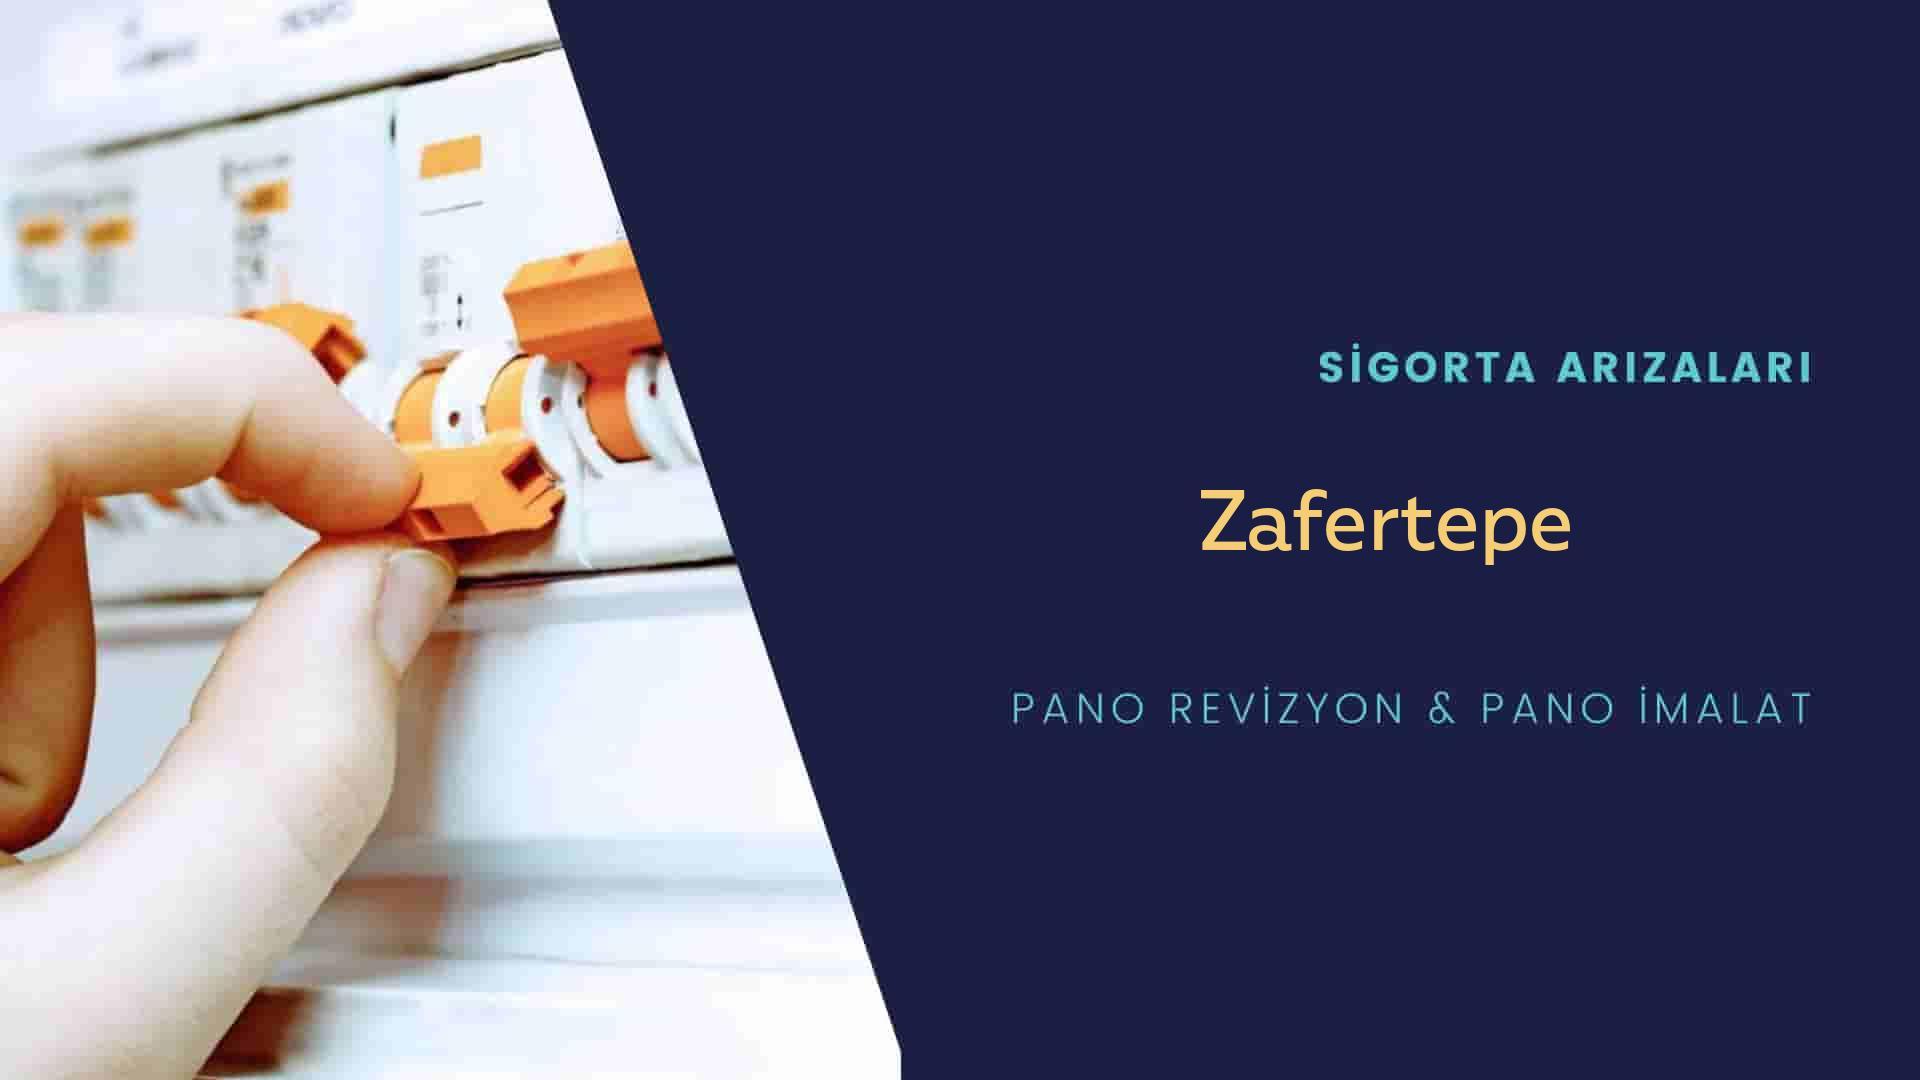 Zafertepe Sigorta Arızaları İçin Profesyonel Elektrikçi ustalarımızı dilediğiniz zaman arayabilir talepte bulunabilirsiniz.